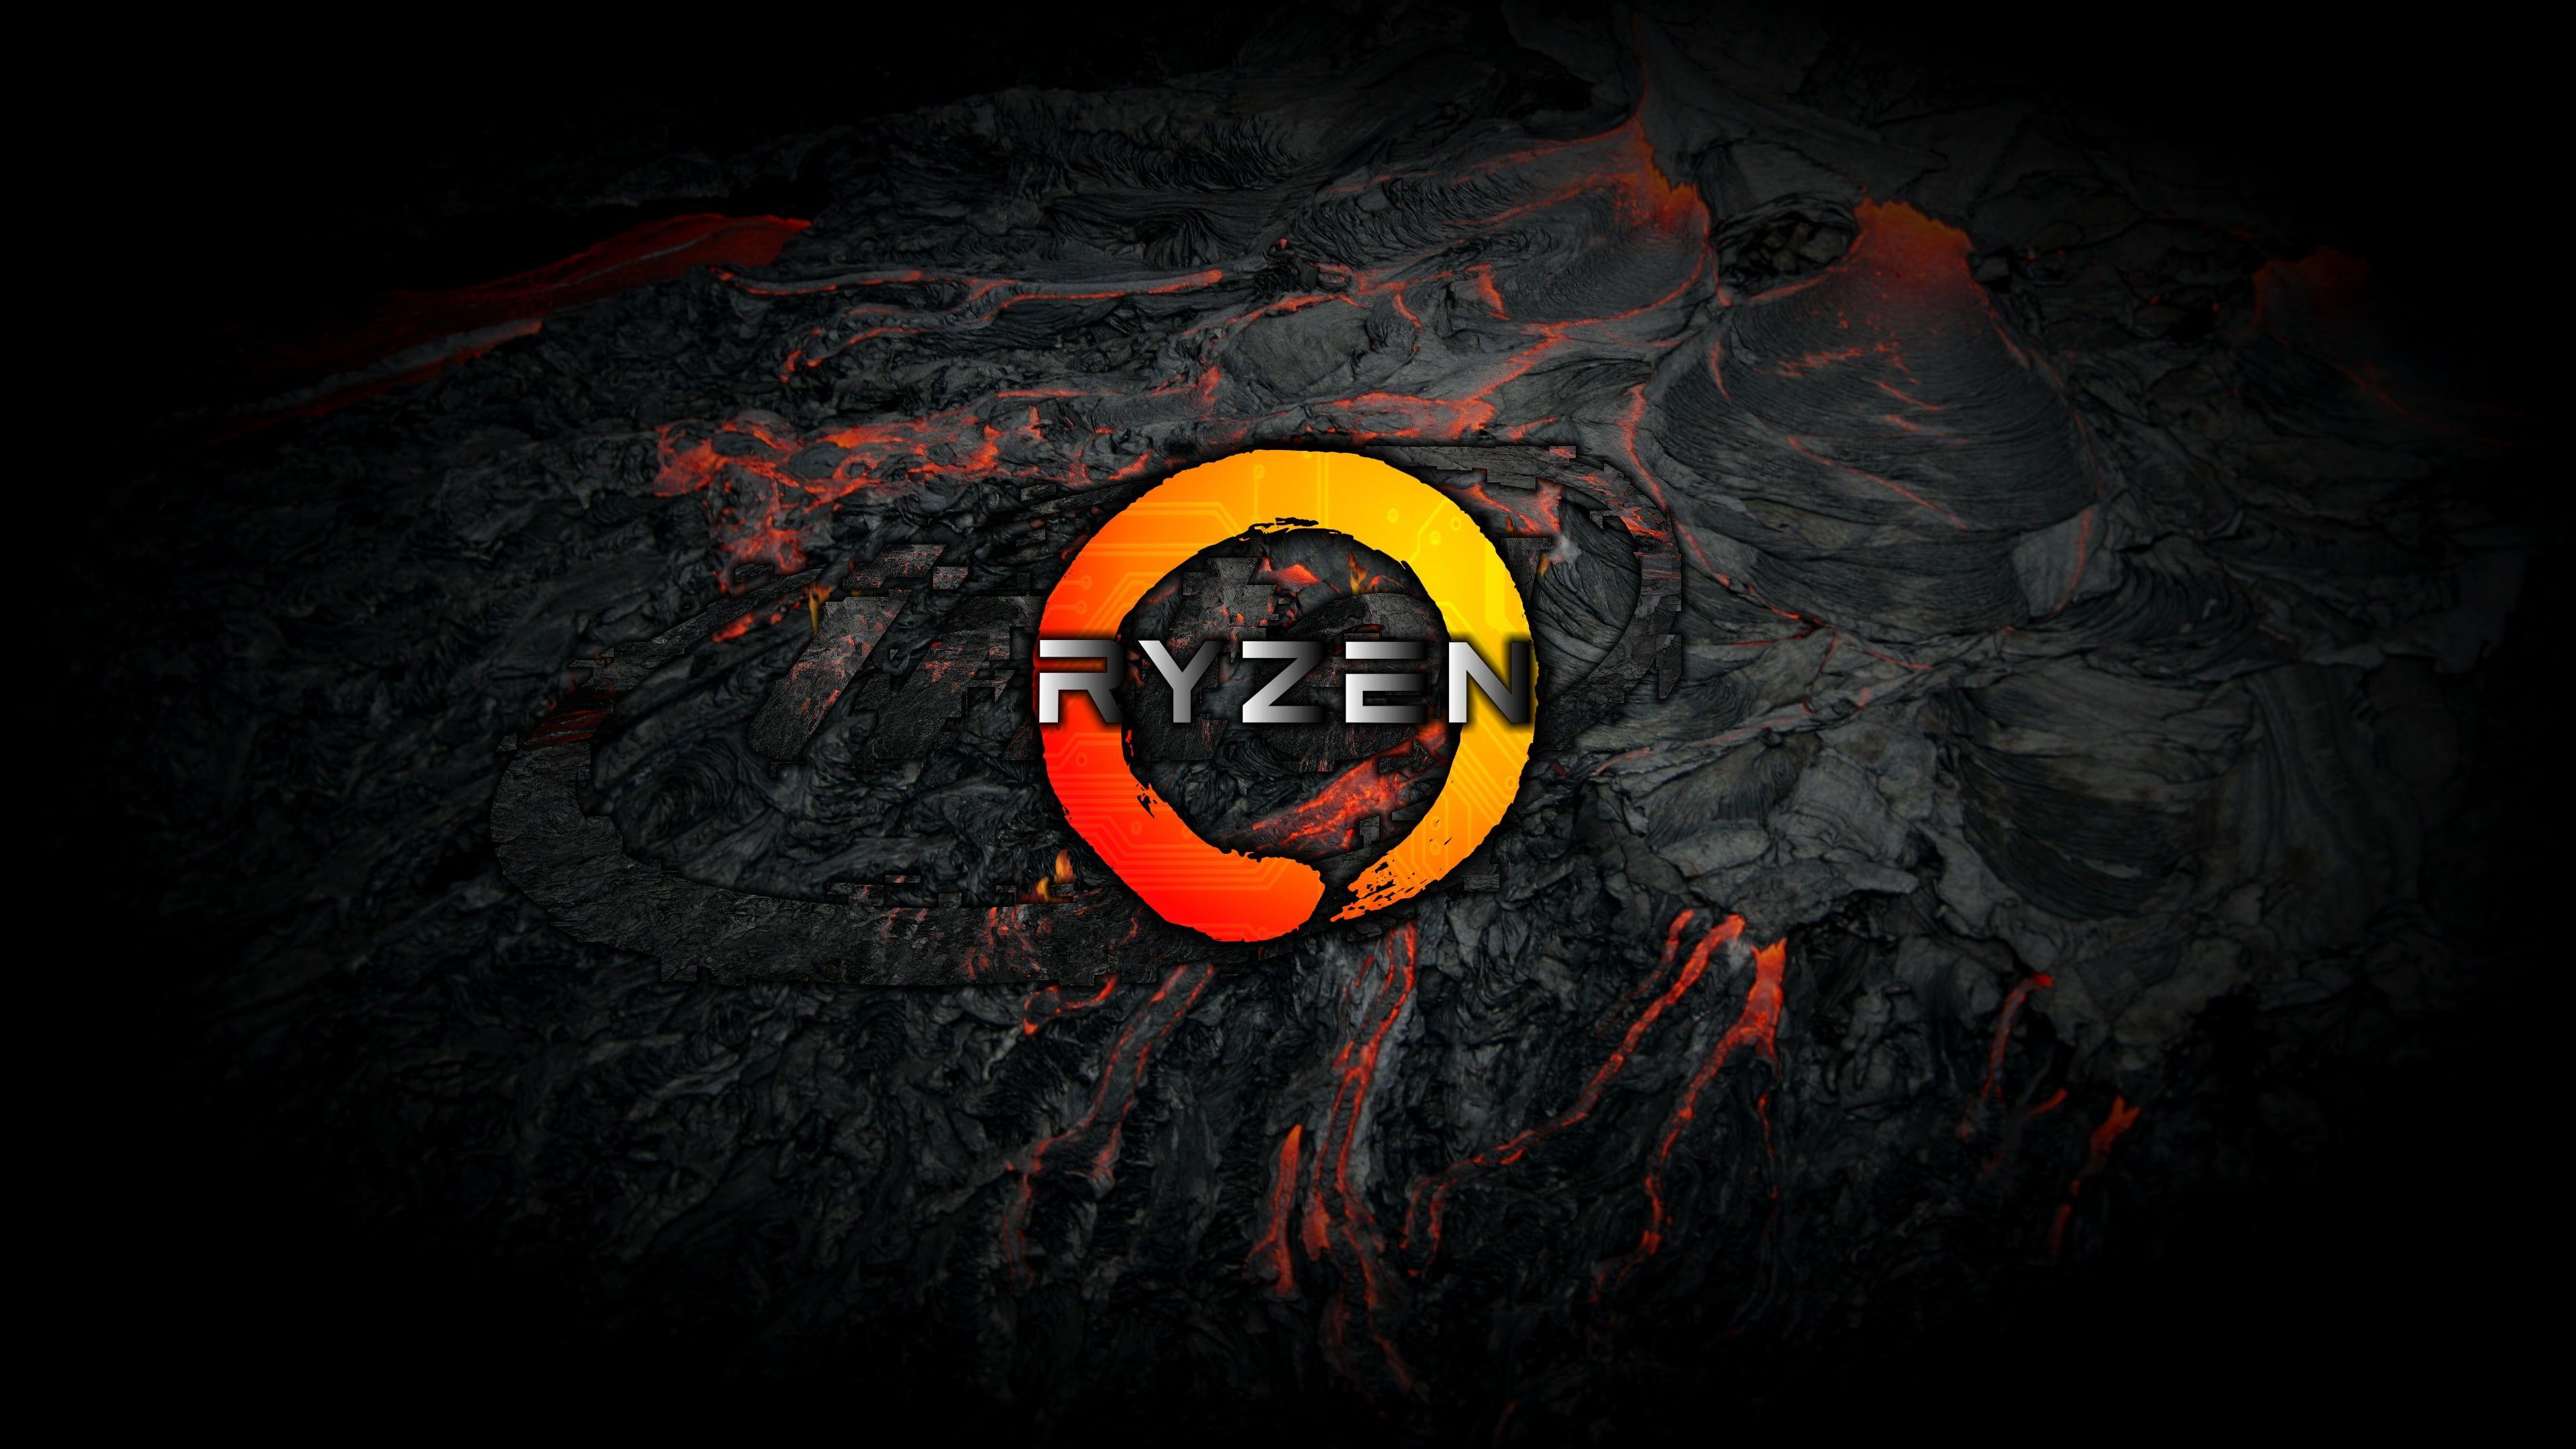 Technology AMD Ryzen AMD Logo 4K wallpaper